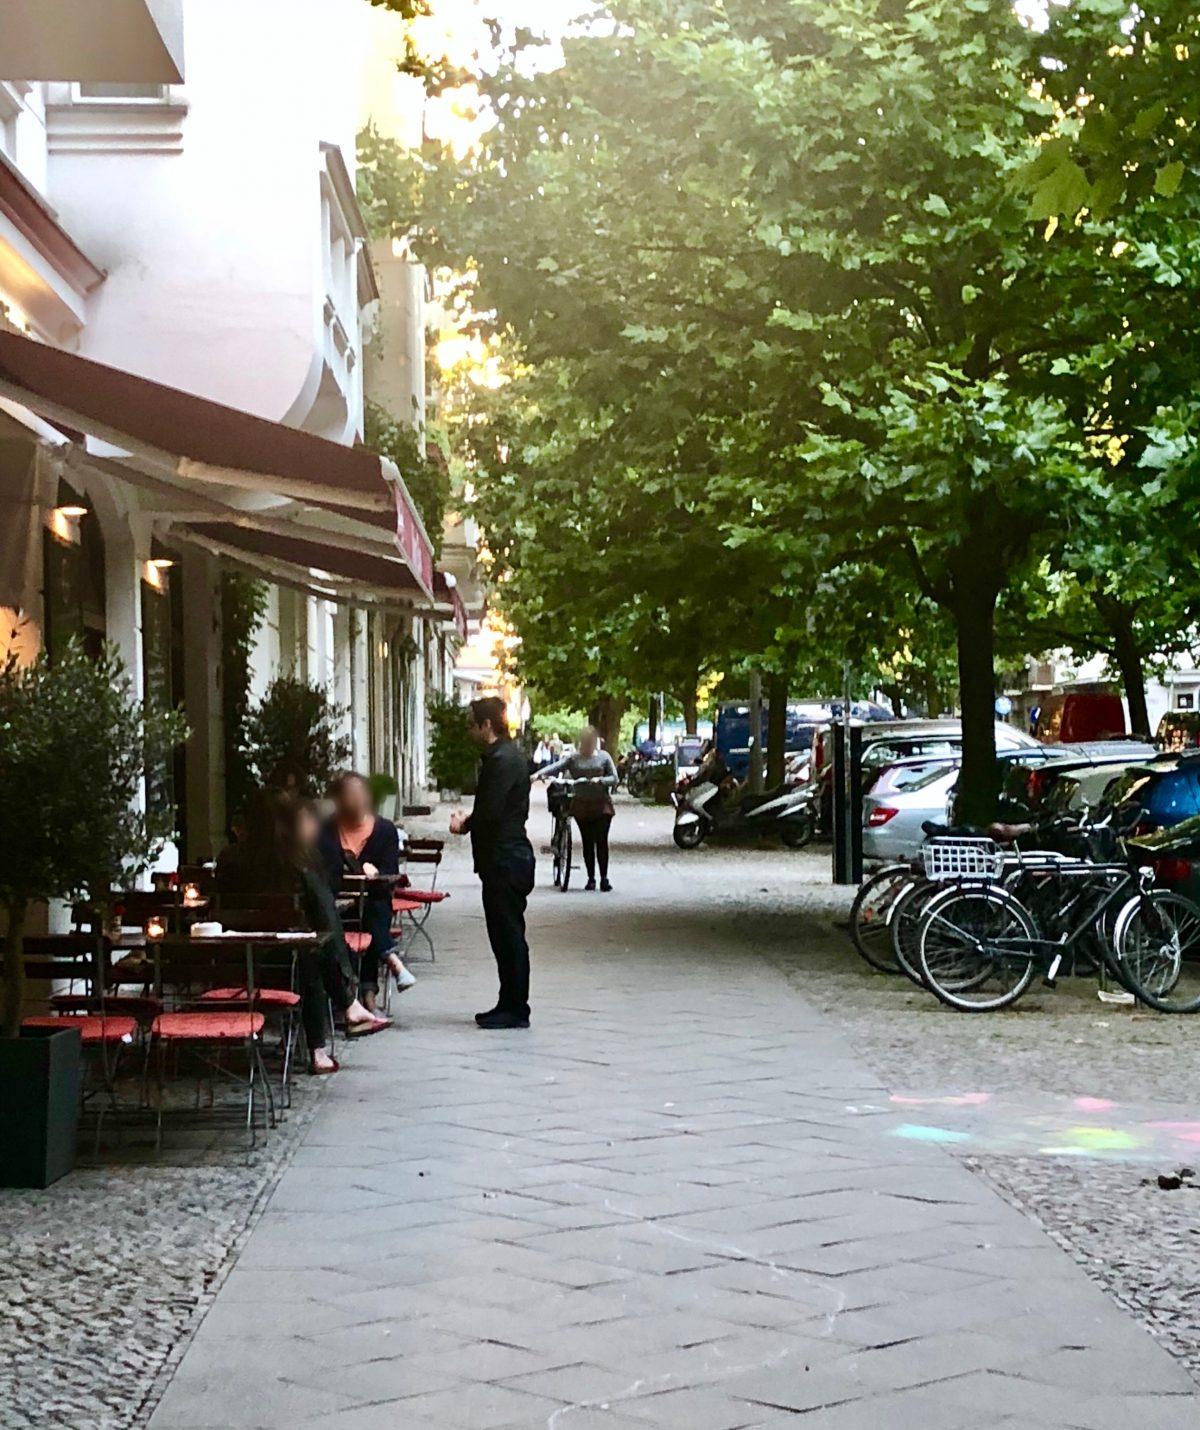 Hufelandstraße | berlinmittemom.com